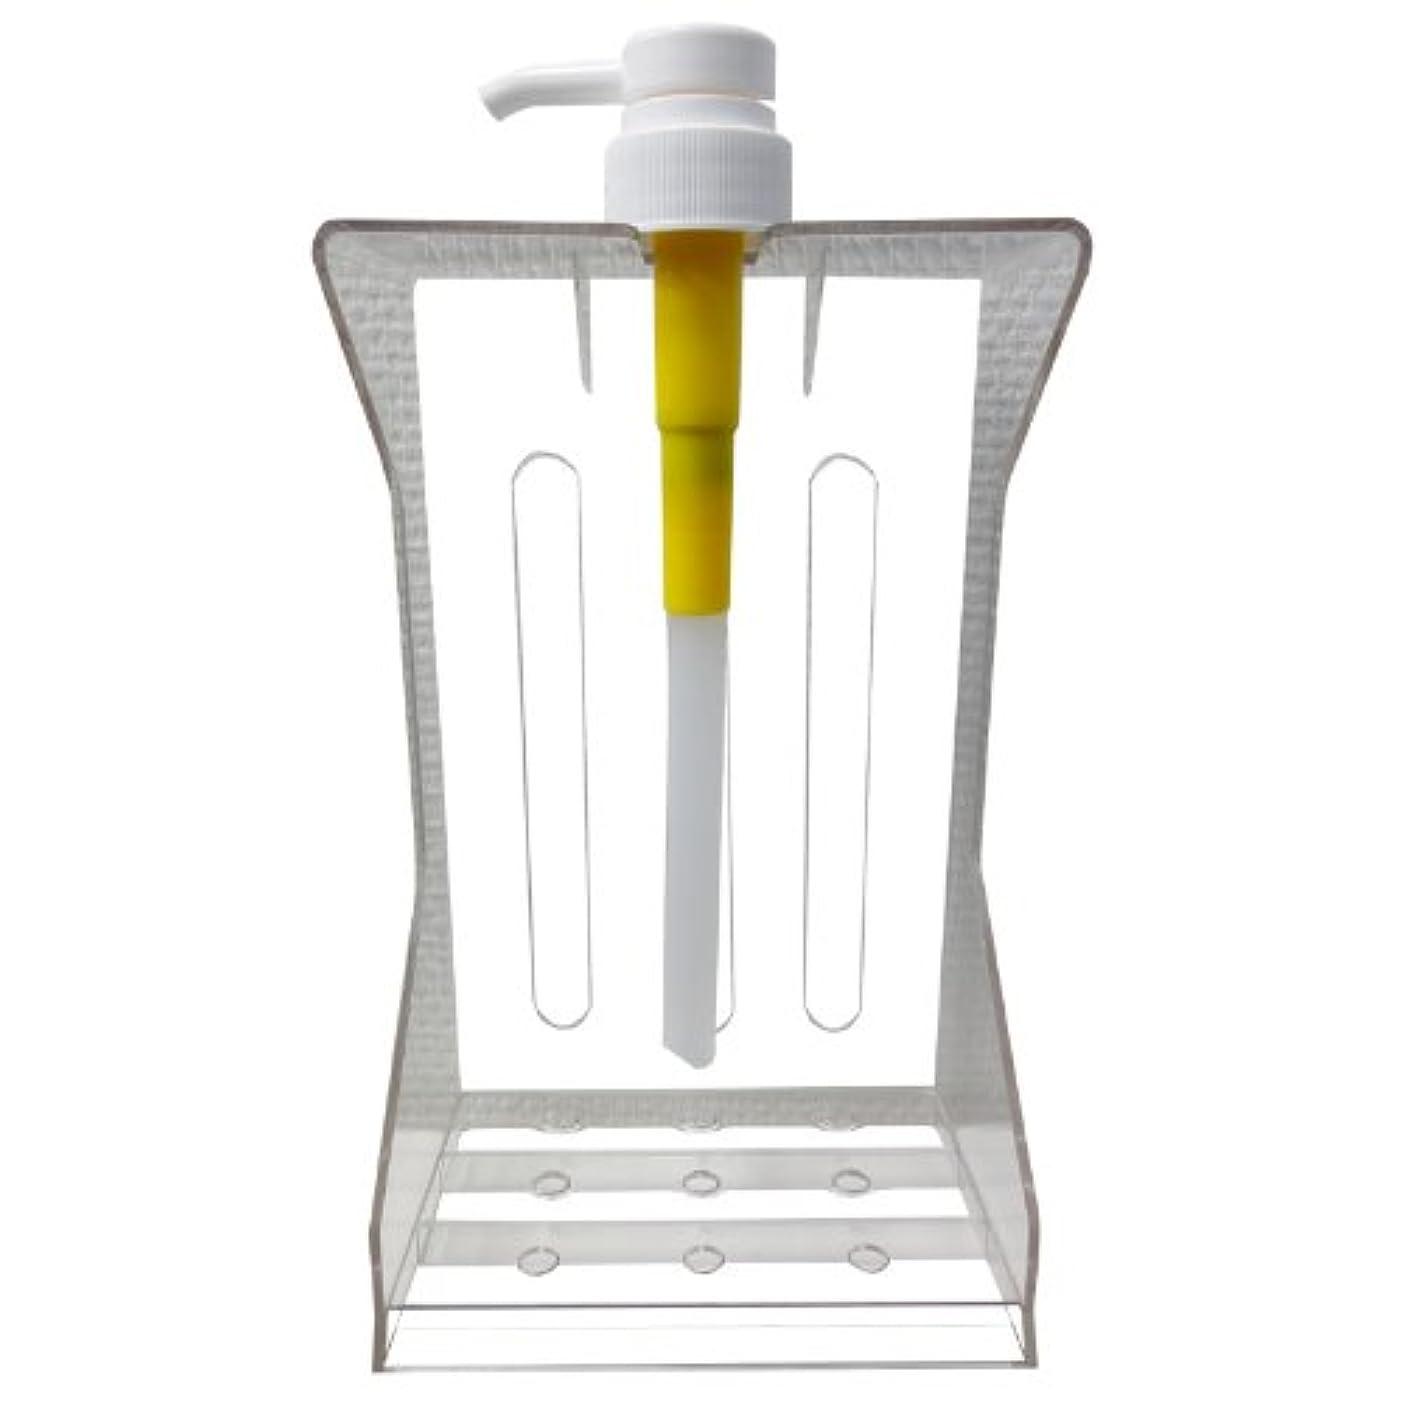 泣く創傷容器ナプラ インプライム プレミアリペア 1 / 3 専用スタンド台&ポンプセット